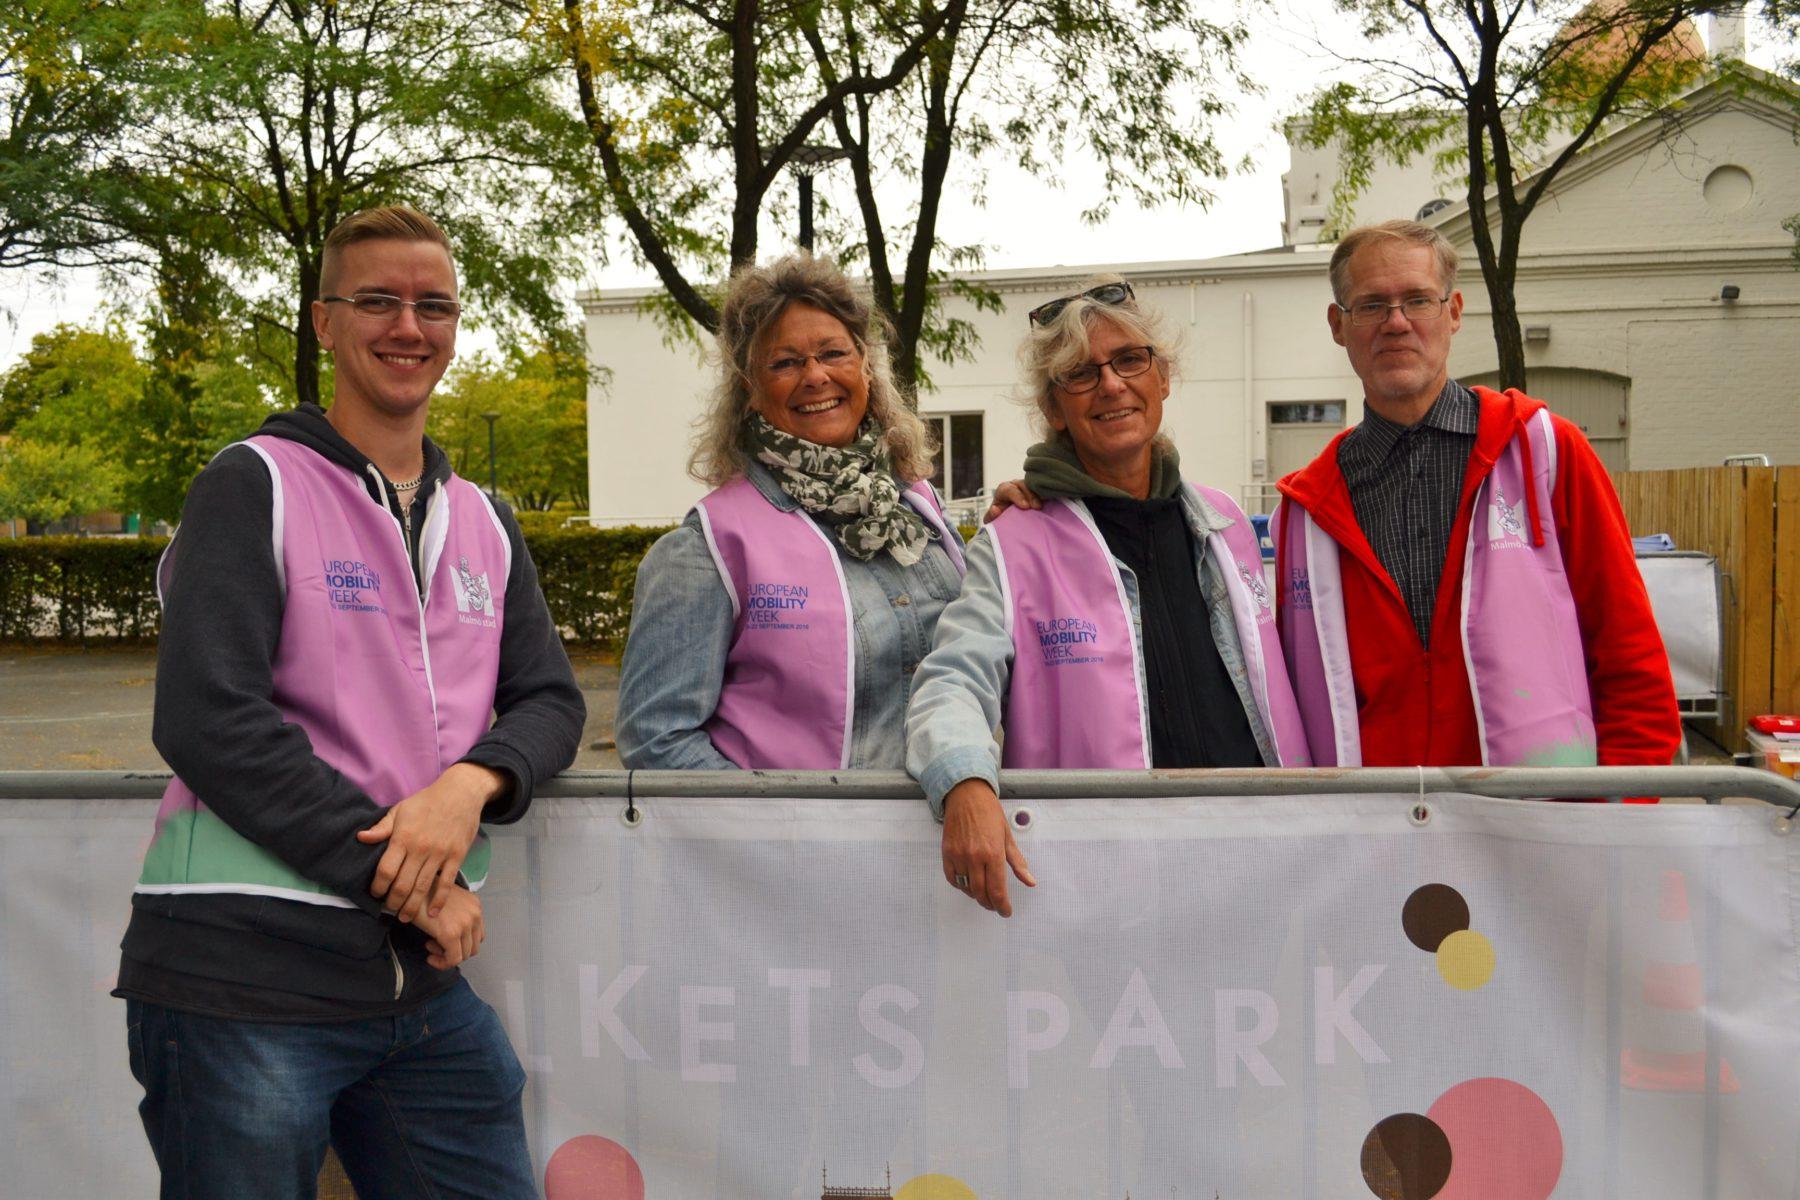 Malmös stads glada team som bemannar cykelteknikbanan